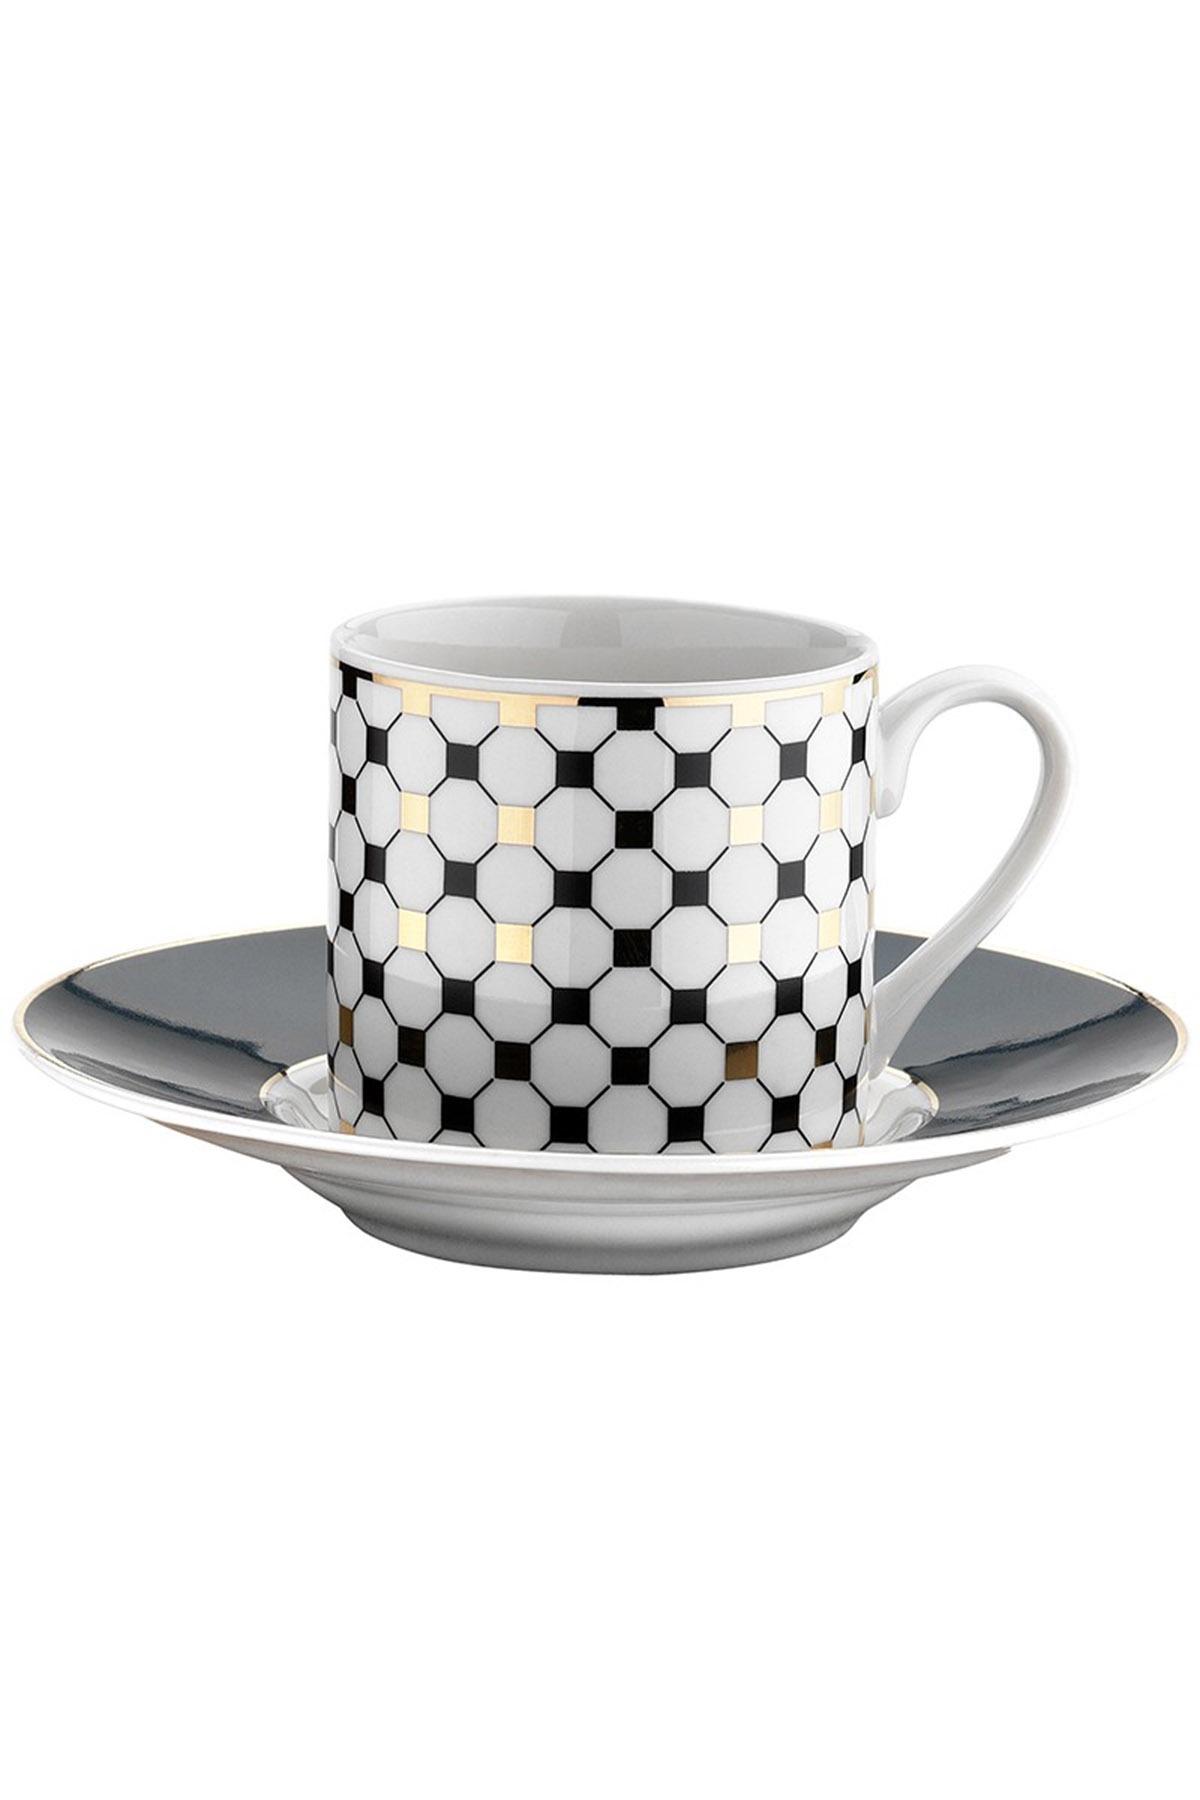 Kütahya Porselen - Kütahya Porselen Rüya 7697 /12 Desen Kahve Fincan Takımı